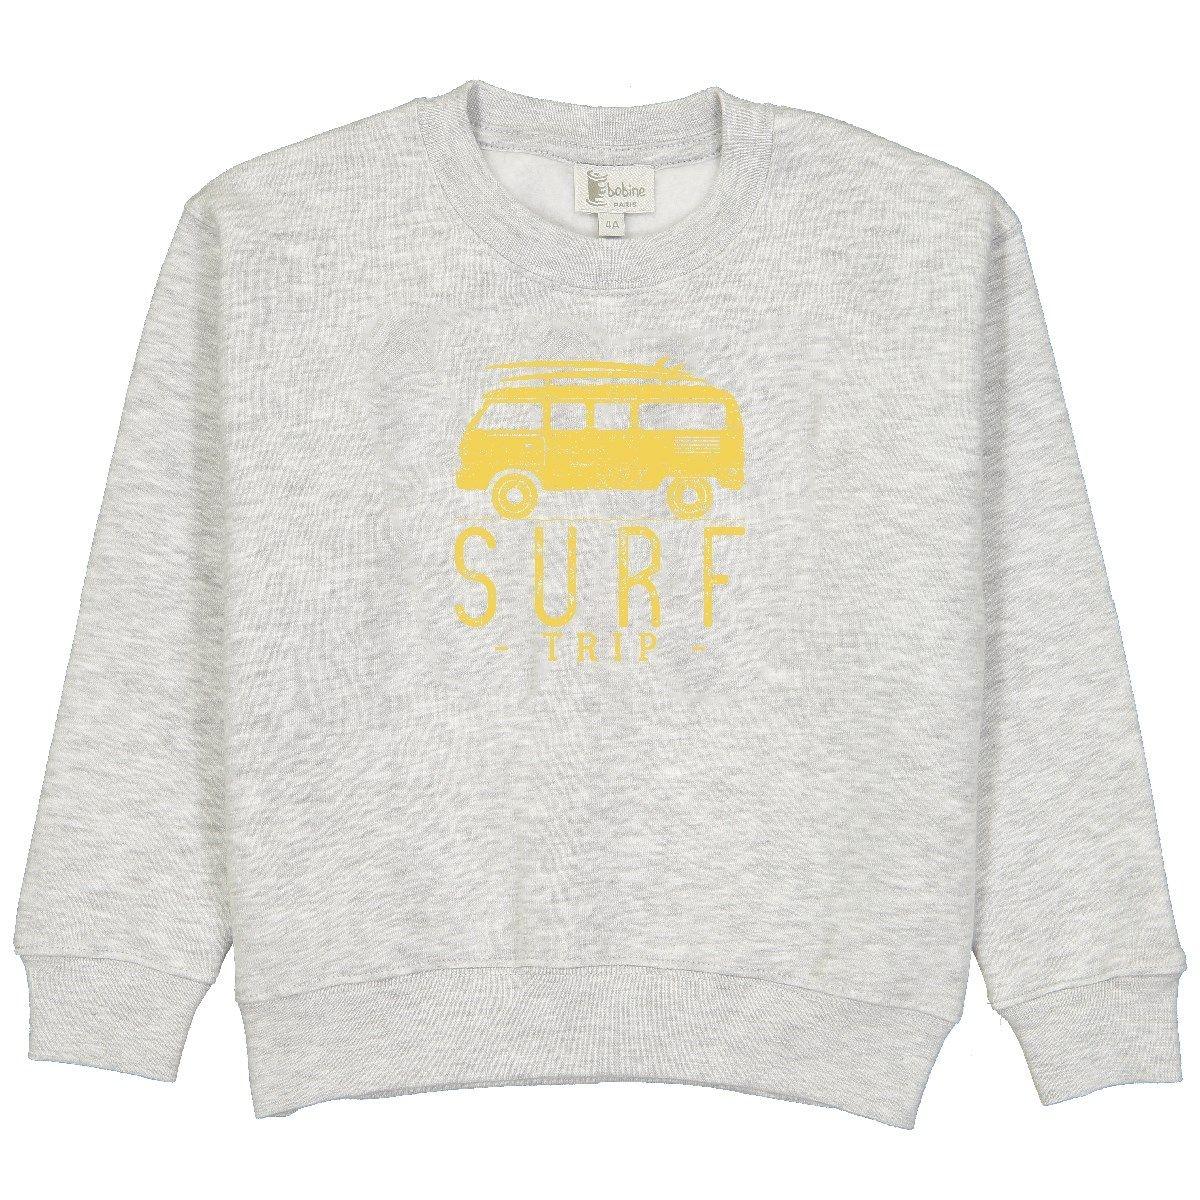 Sweat en coton Van surf trip